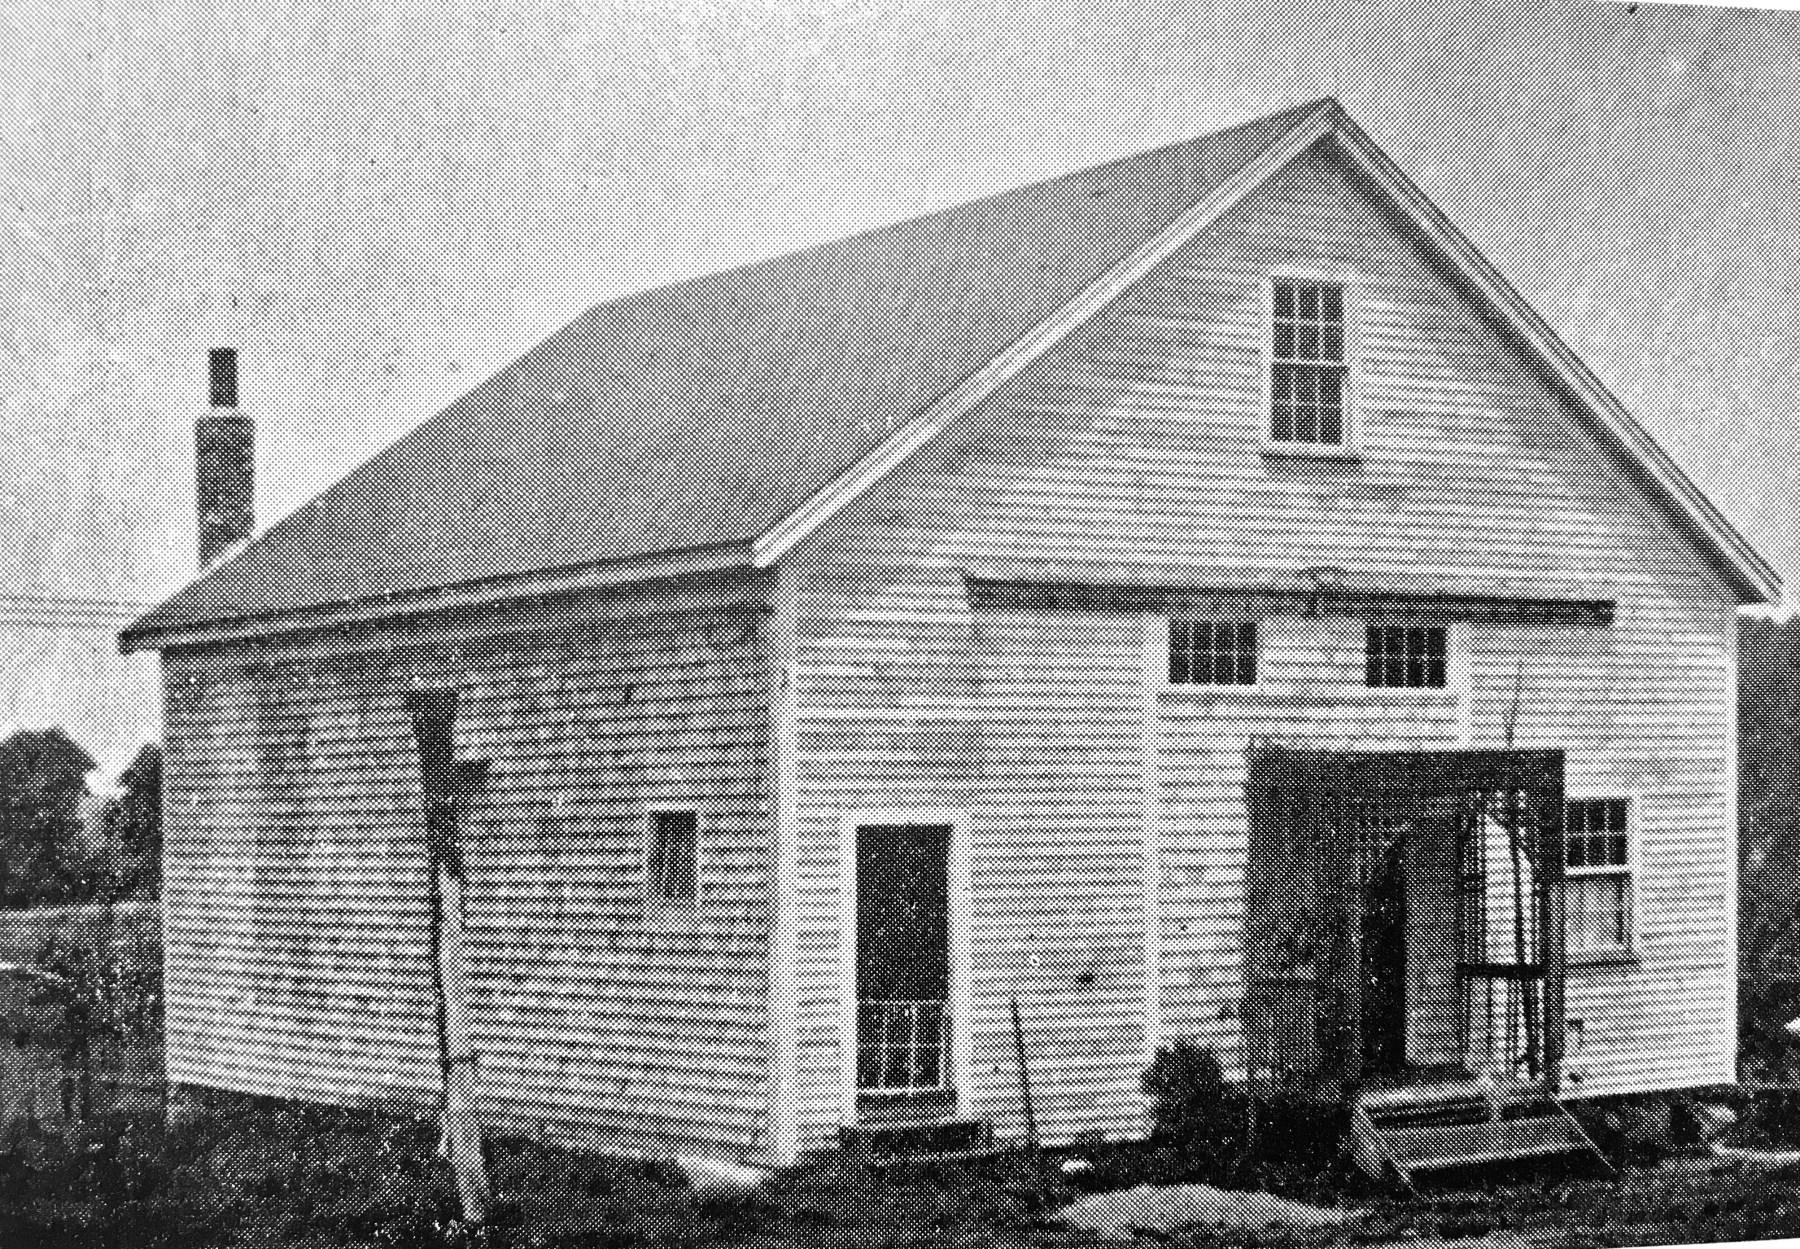 Sousa's Barn, Peach Orchard Rd. Burlington MA